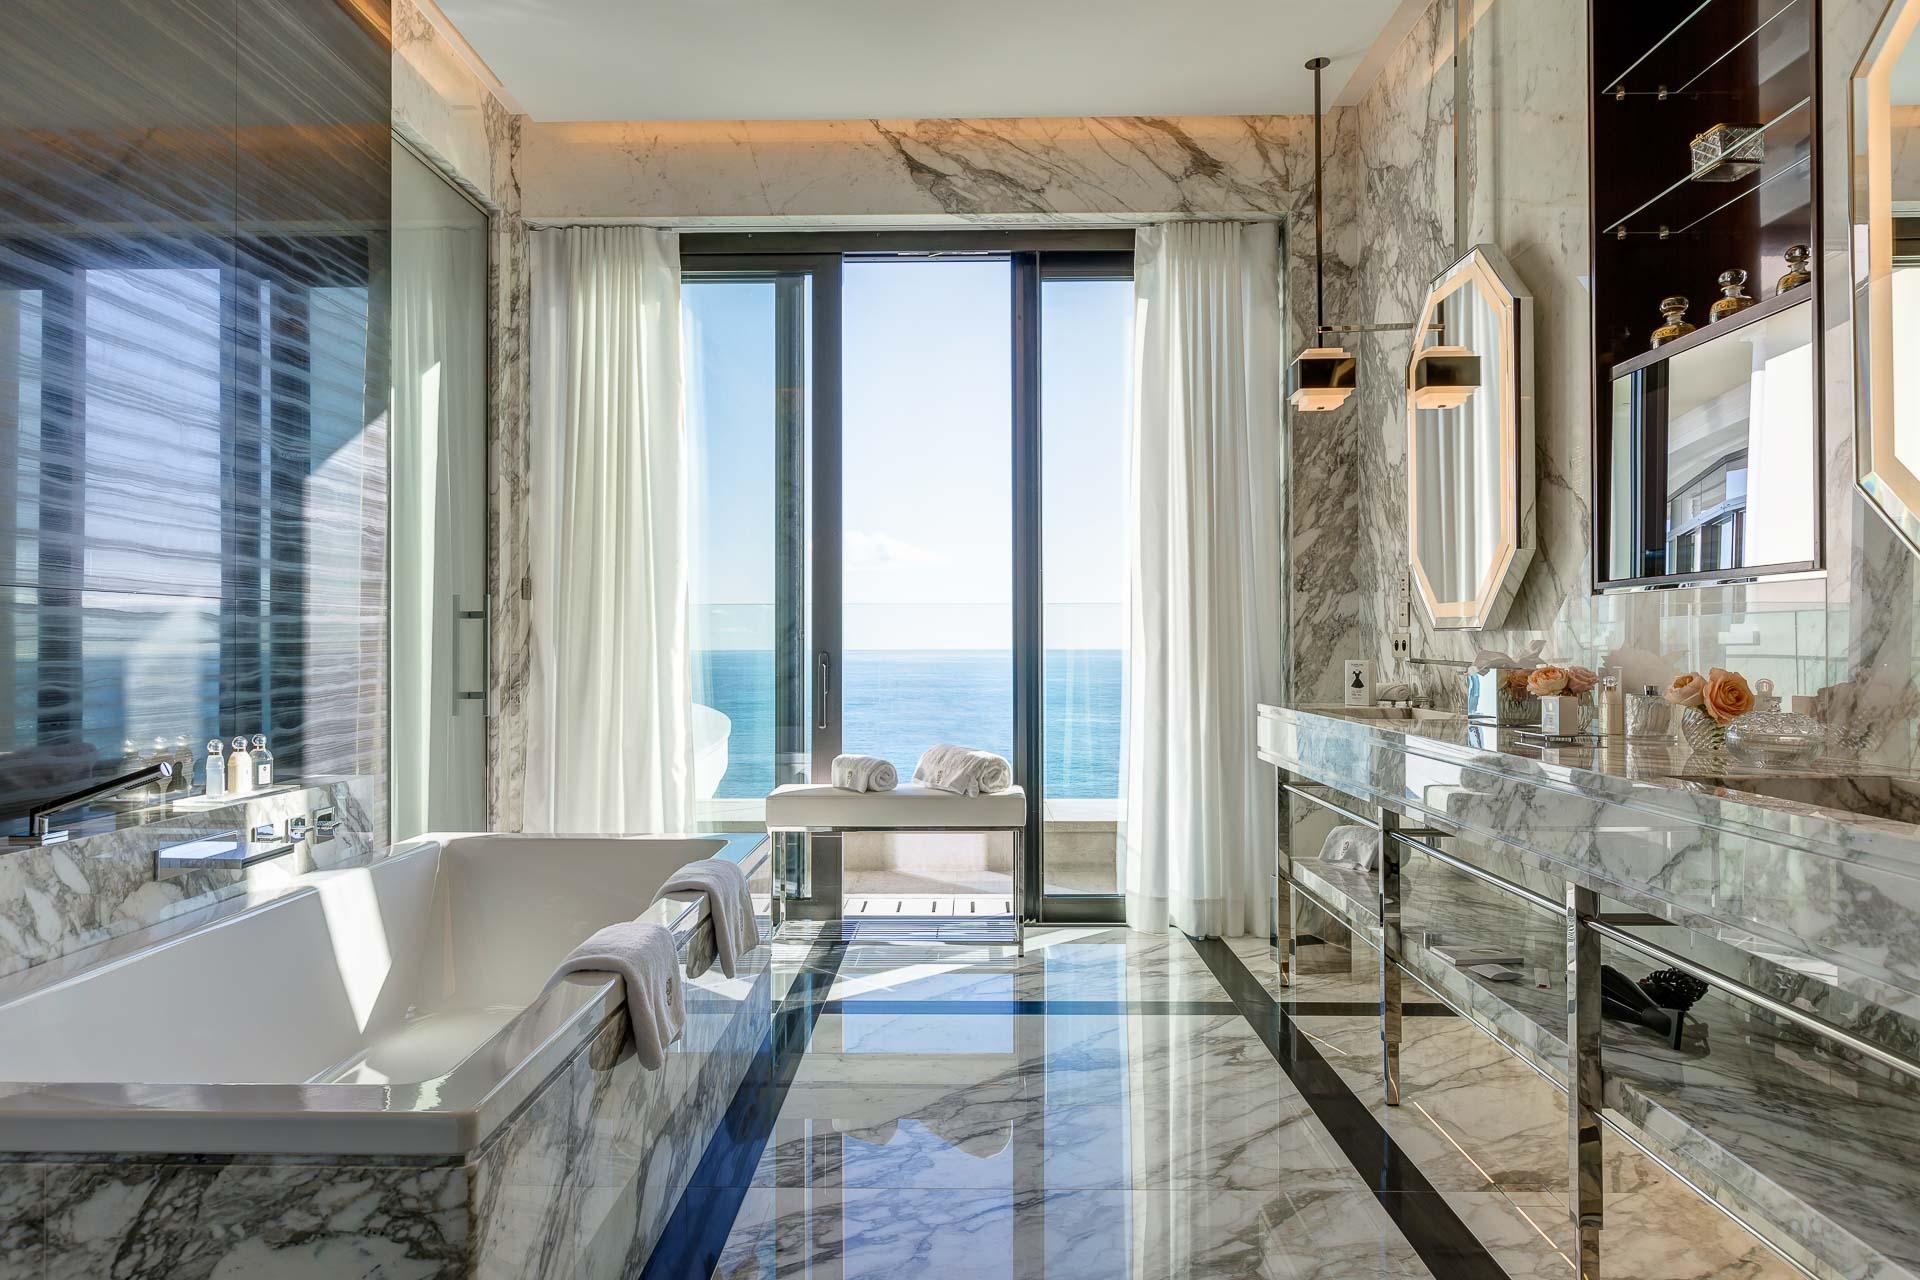 Les salles de bain, habillées de marbre et ouvertes sur l'extérieur, témoignent du niveau de luxe inouï de la Suite